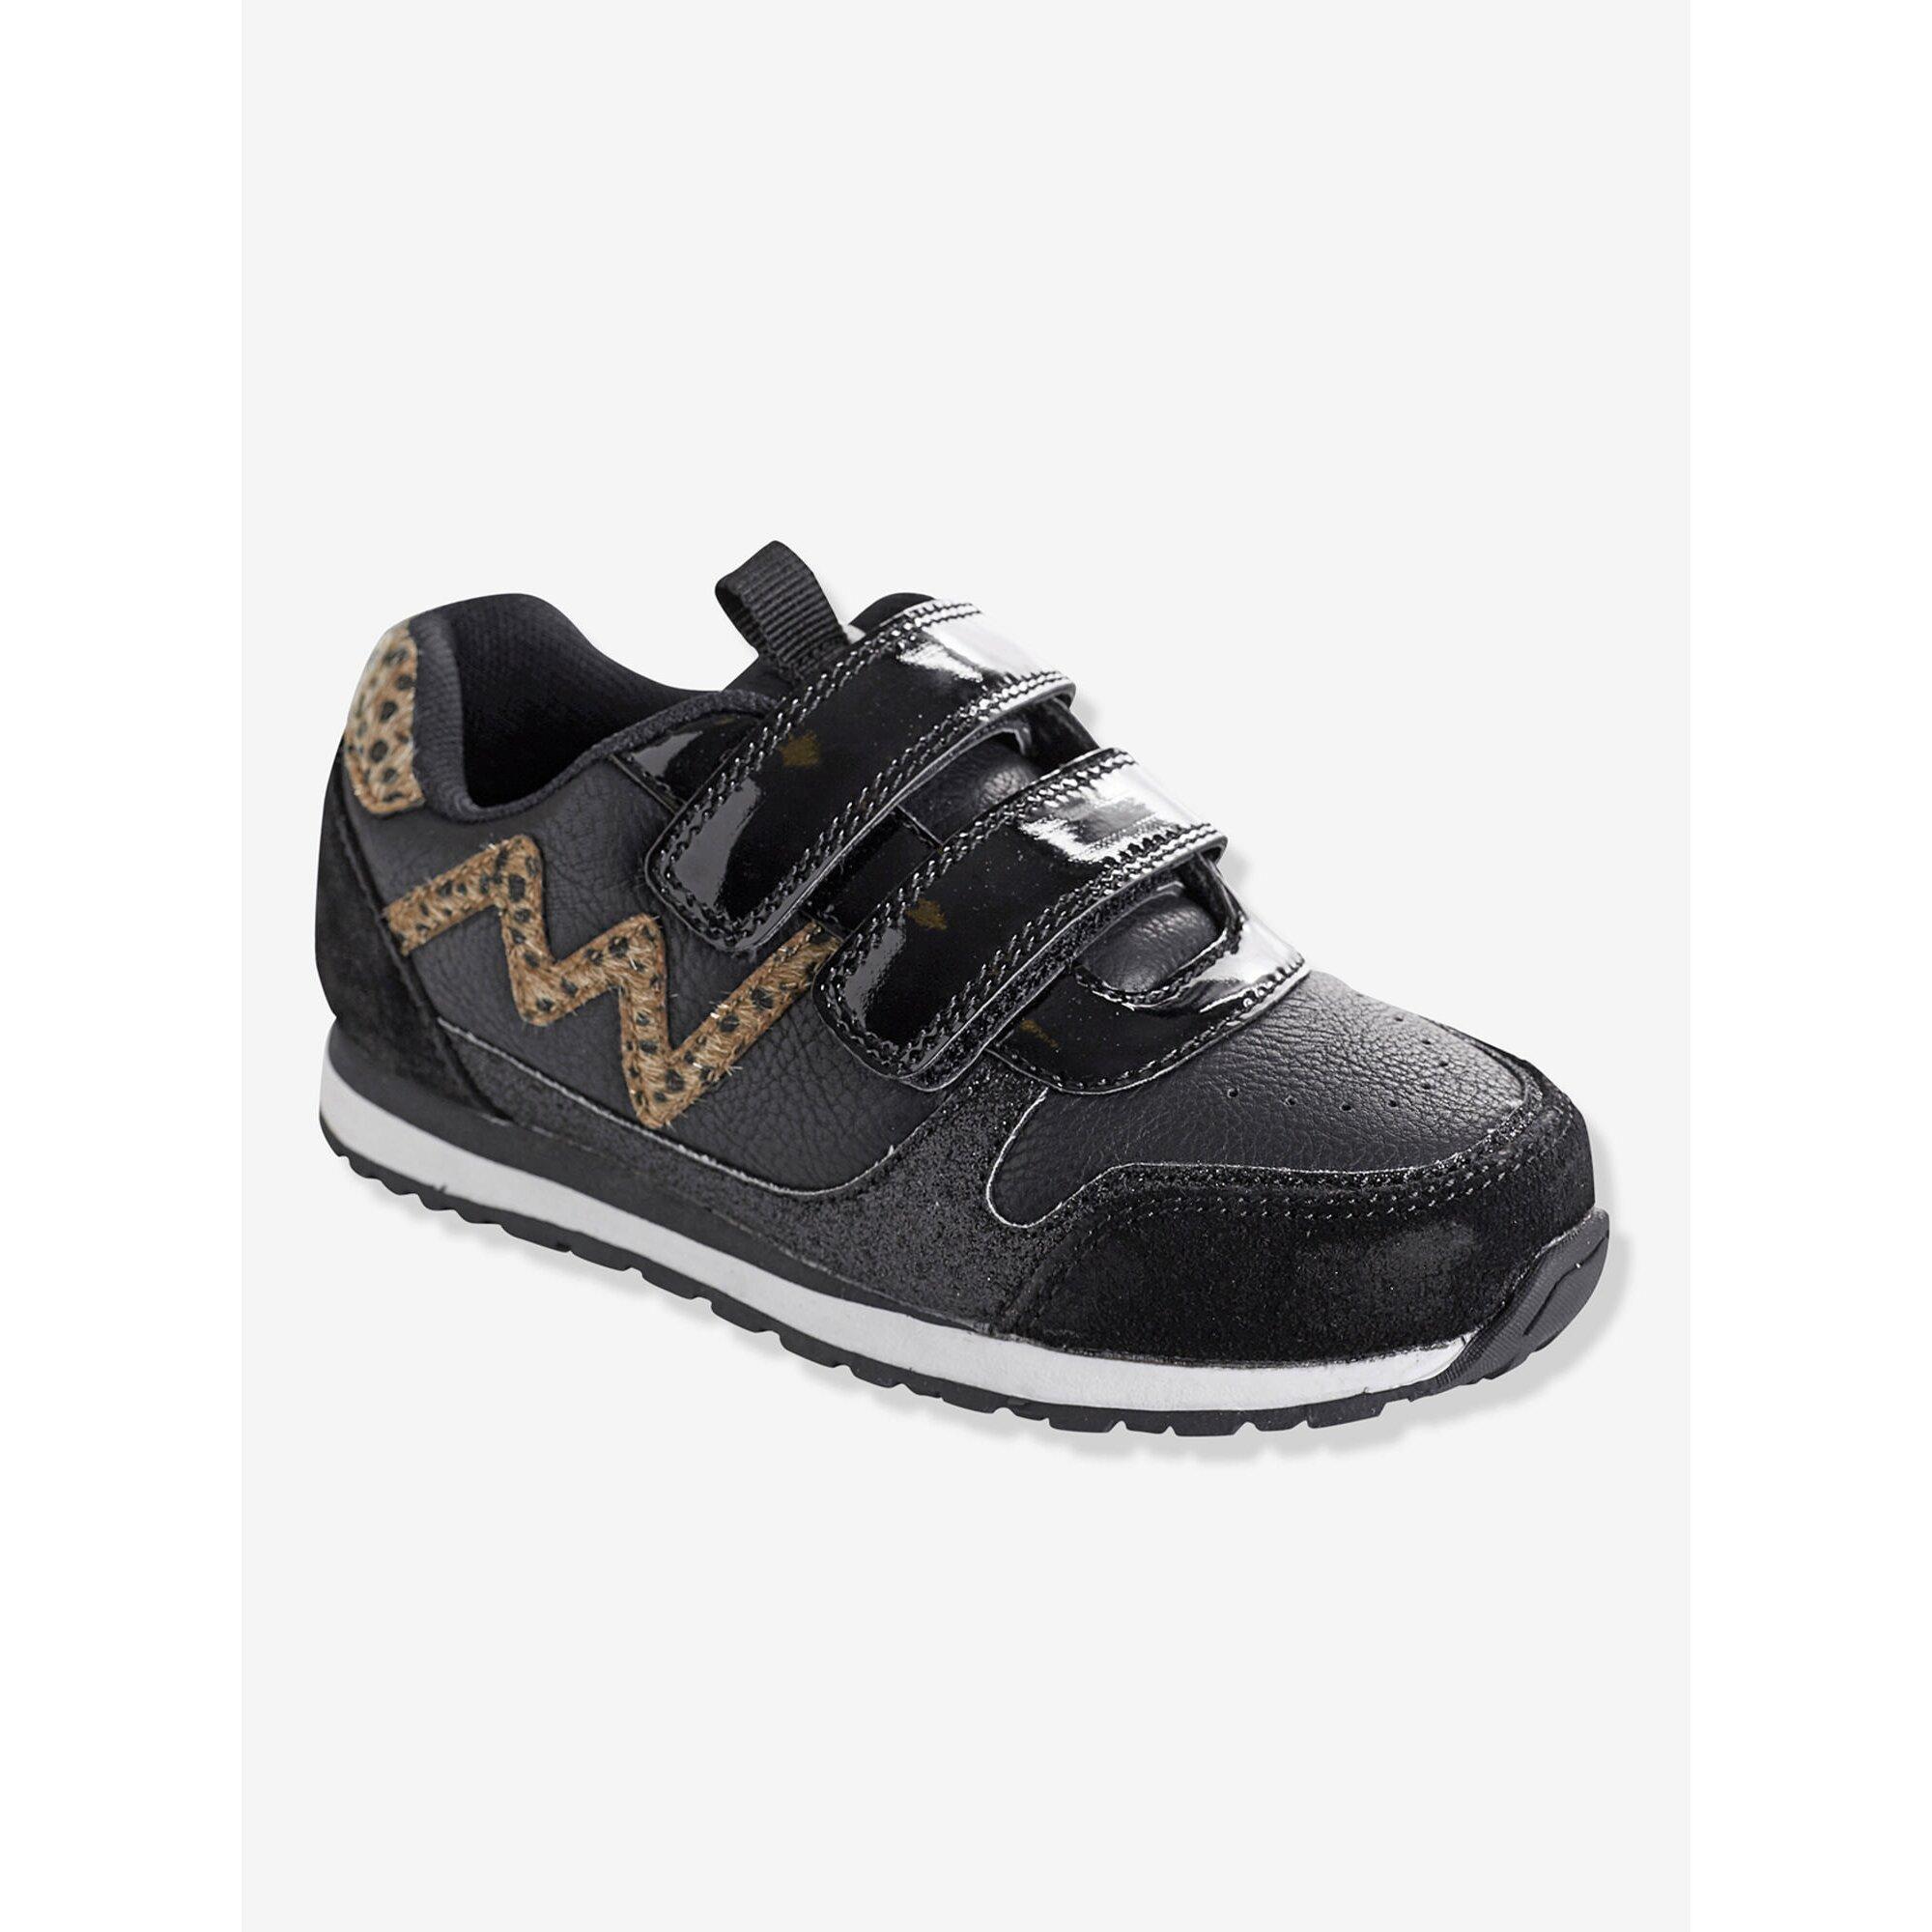 vertbaudet-klett-sneakers-fur-madchen-pailletten, 35.99 EUR @ babywalz-de